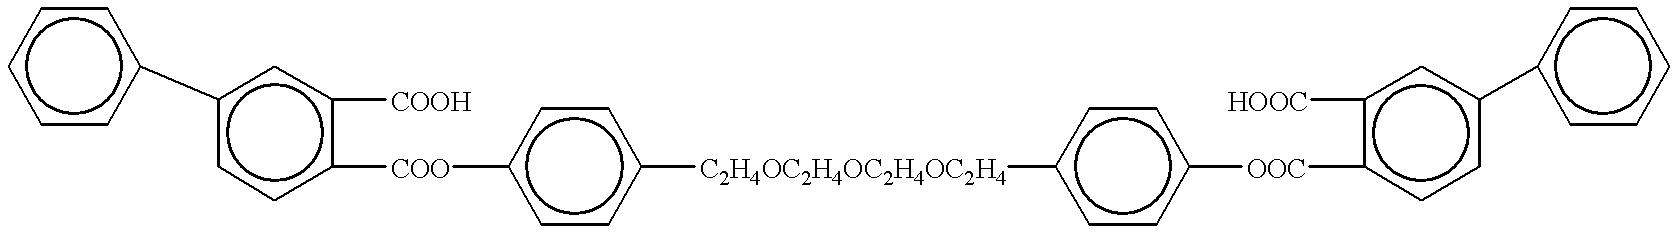 Figure US06180560-20010130-C00337